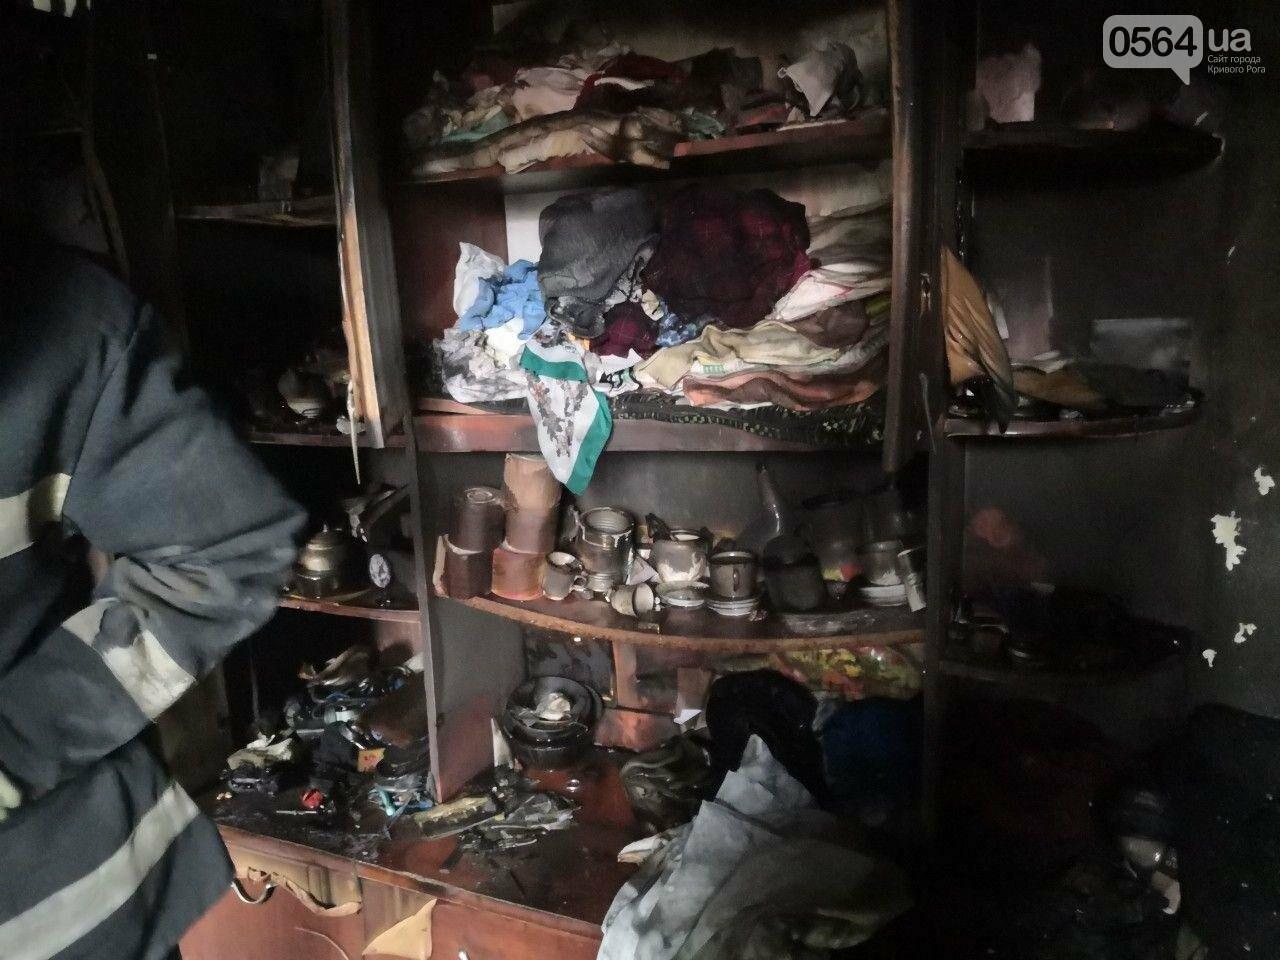 Труп мужчины обнаружили спасатели во время ликвидации пожара в частном доме в Кривом Роге, - ФОТО , фото-1